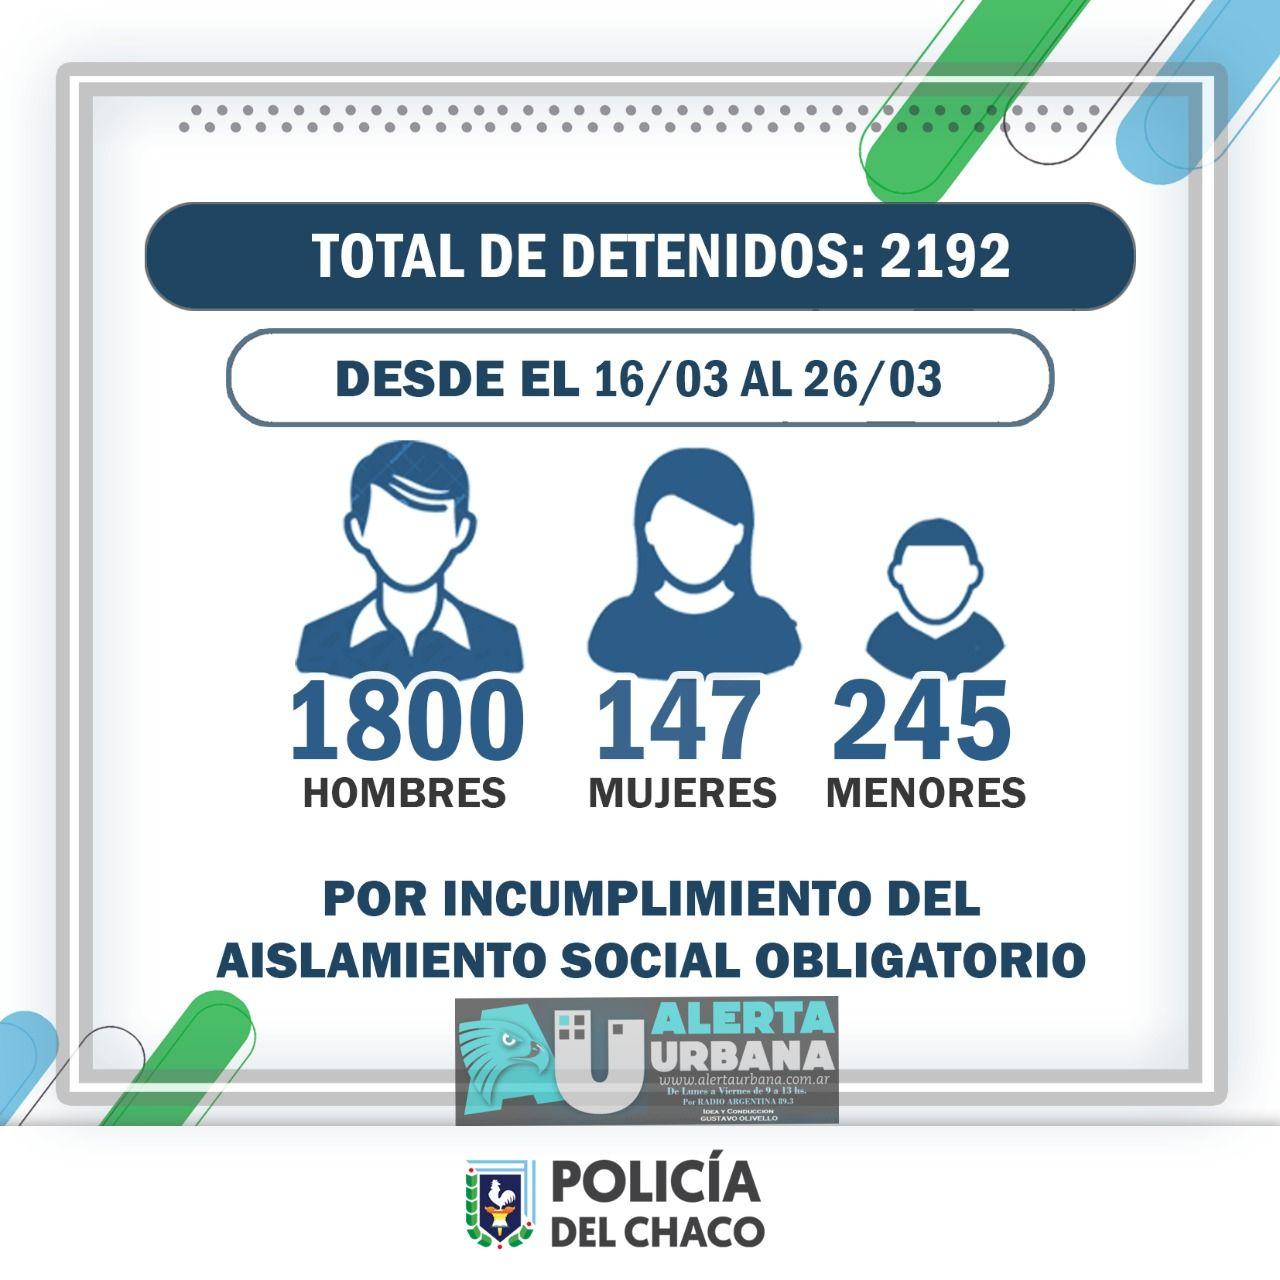 2192 personas detenidas en 11 días